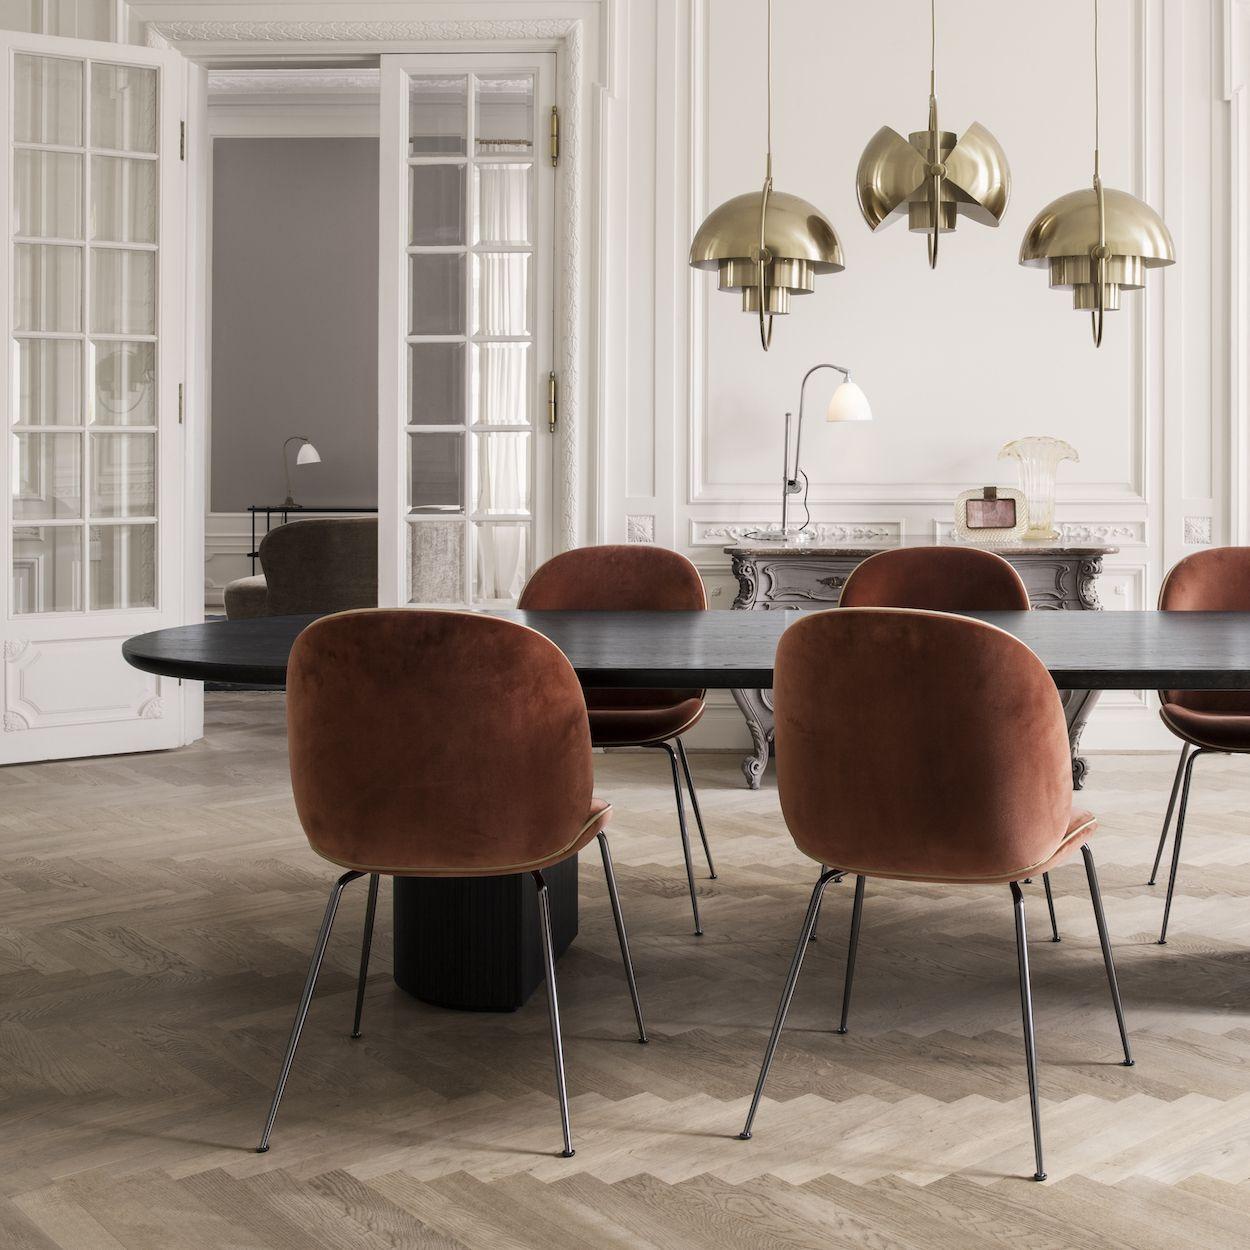 gubi chaise beetle mobilier salle manger mobilier. Black Bedroom Furniture Sets. Home Design Ideas